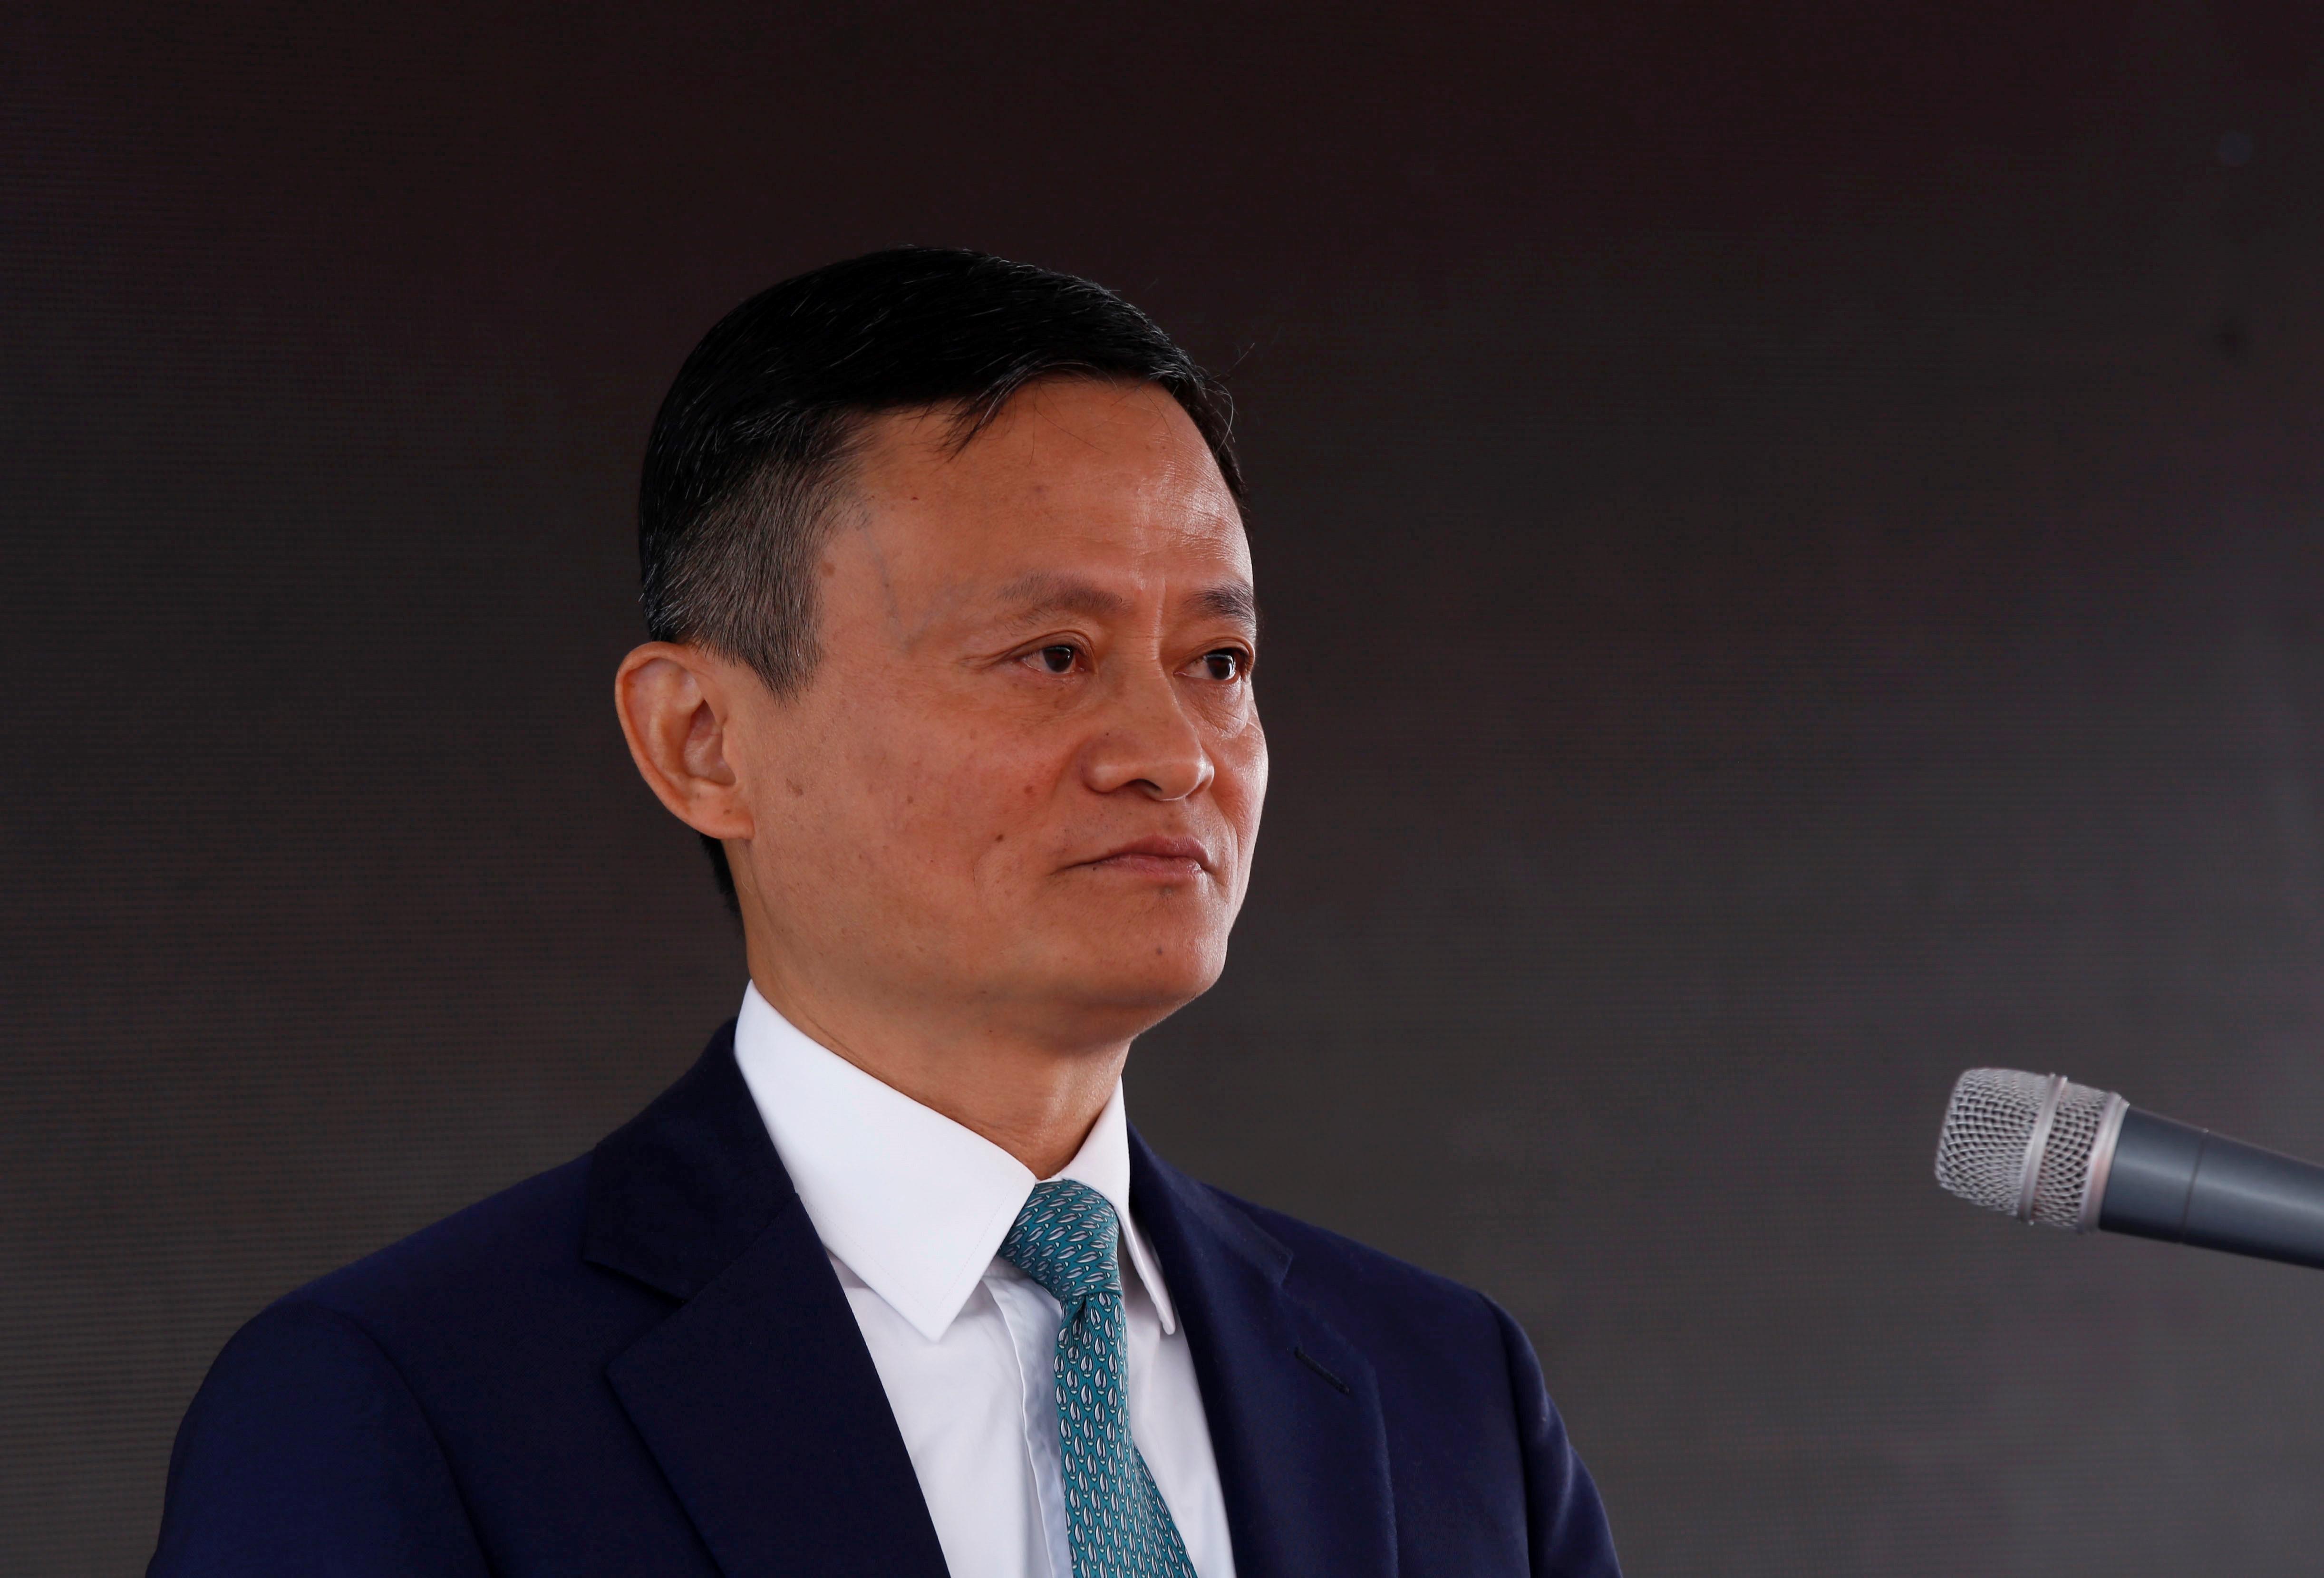 Miután kritizálta a kínai pénzügyi felügyeletet, Jack Ma teljesen eltűnt a nyilvánosság elől